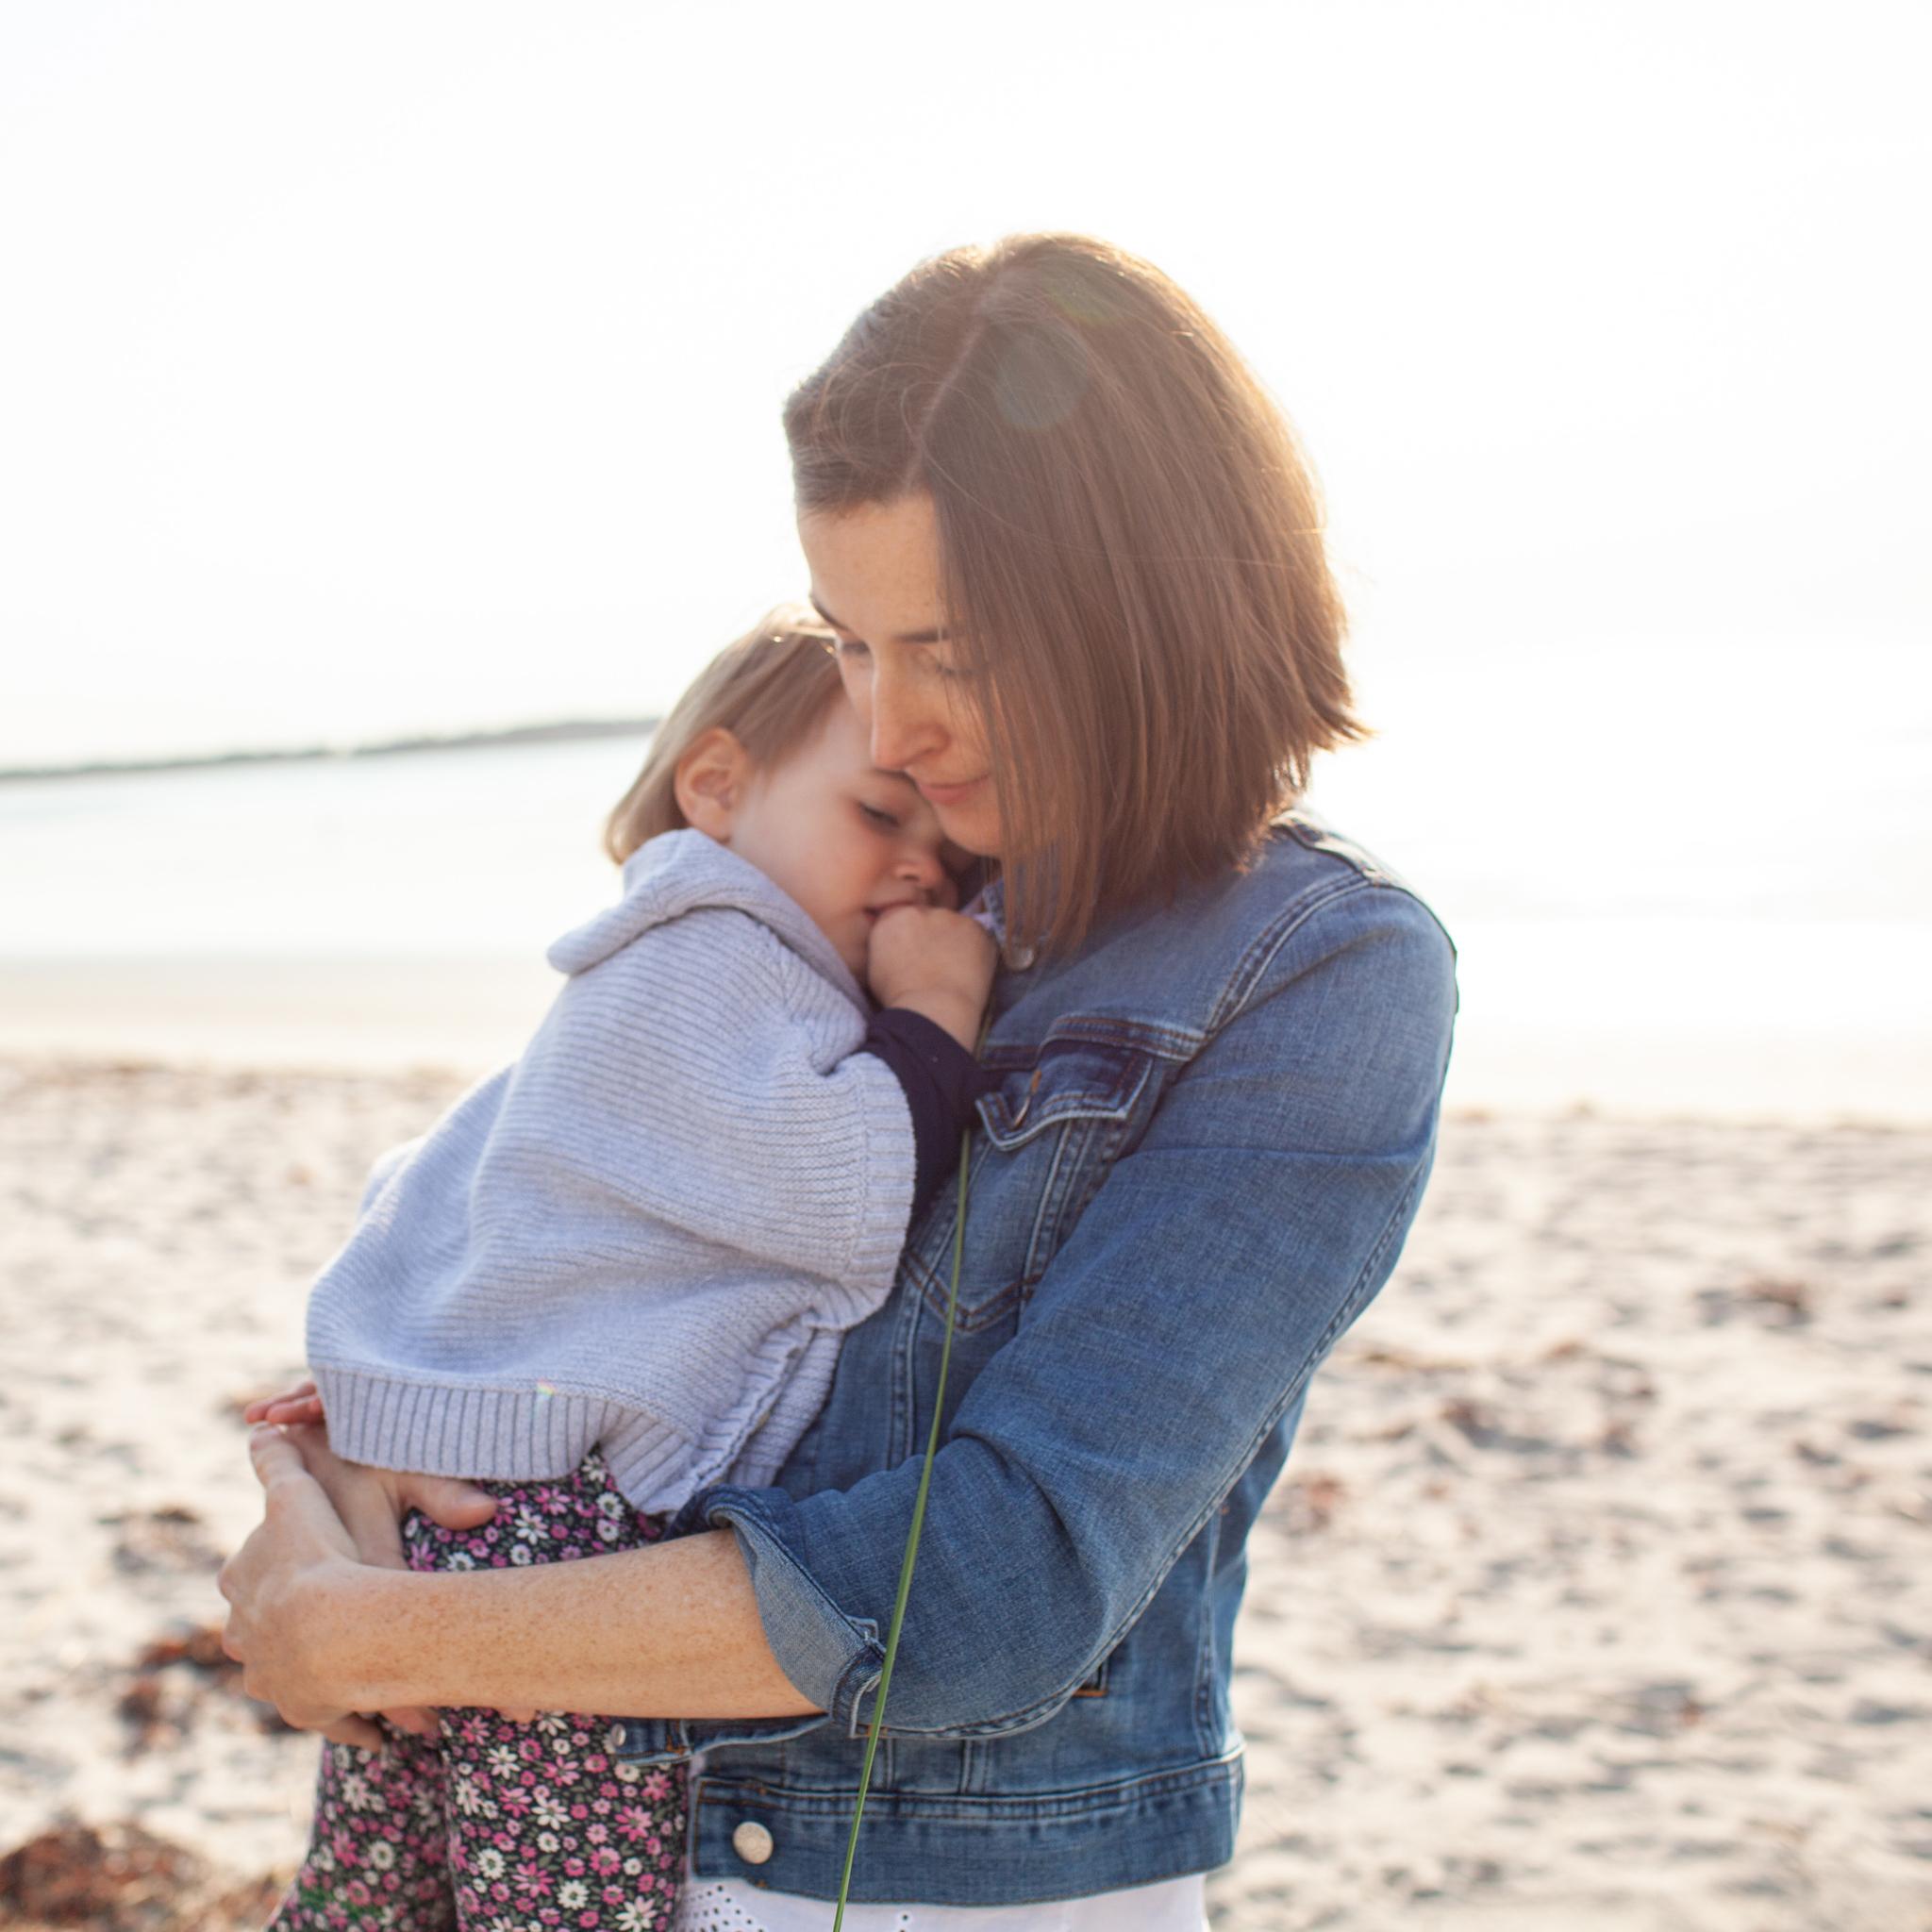 maine-family-photographer-pine-point-beach -18.jpg